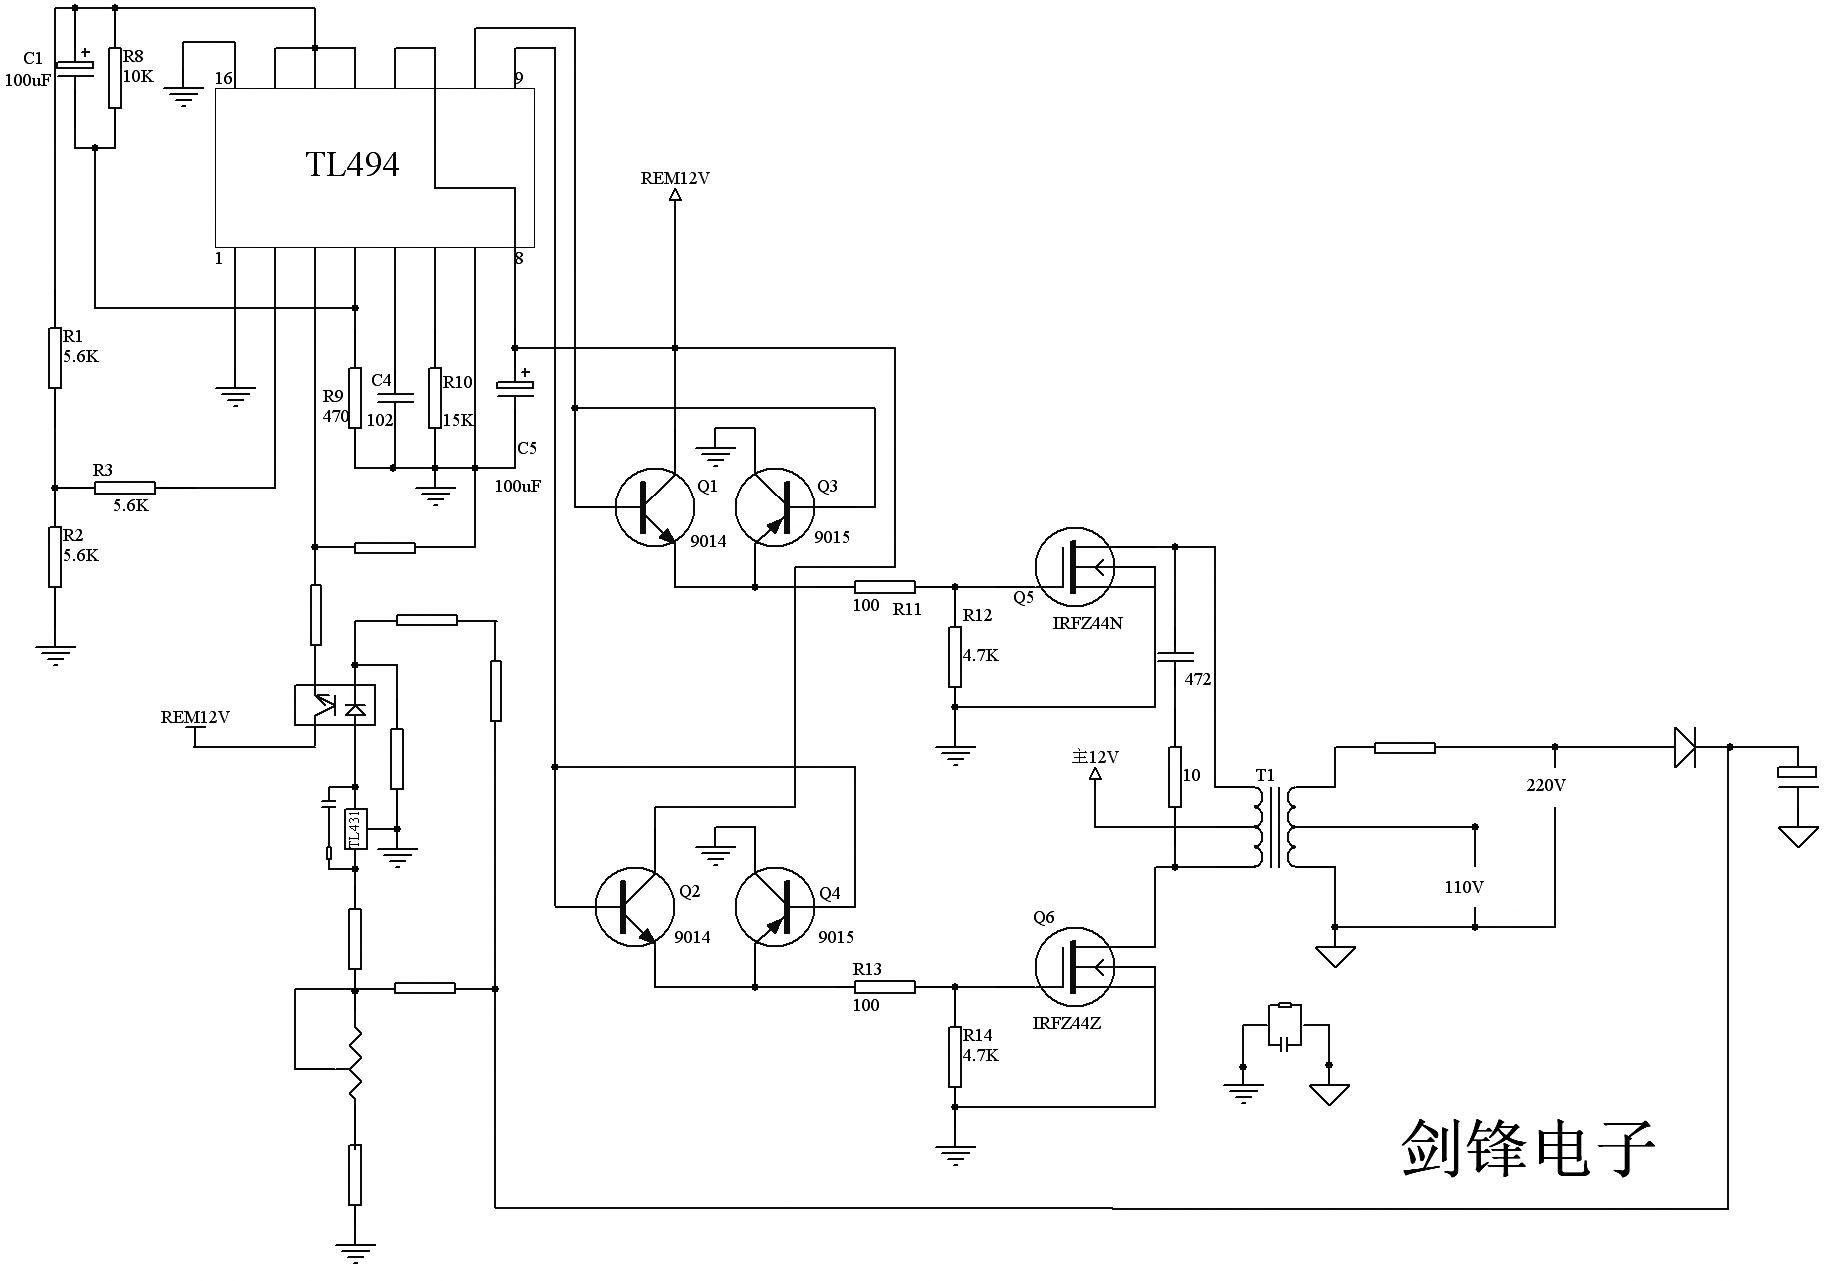 irfz44n电路图